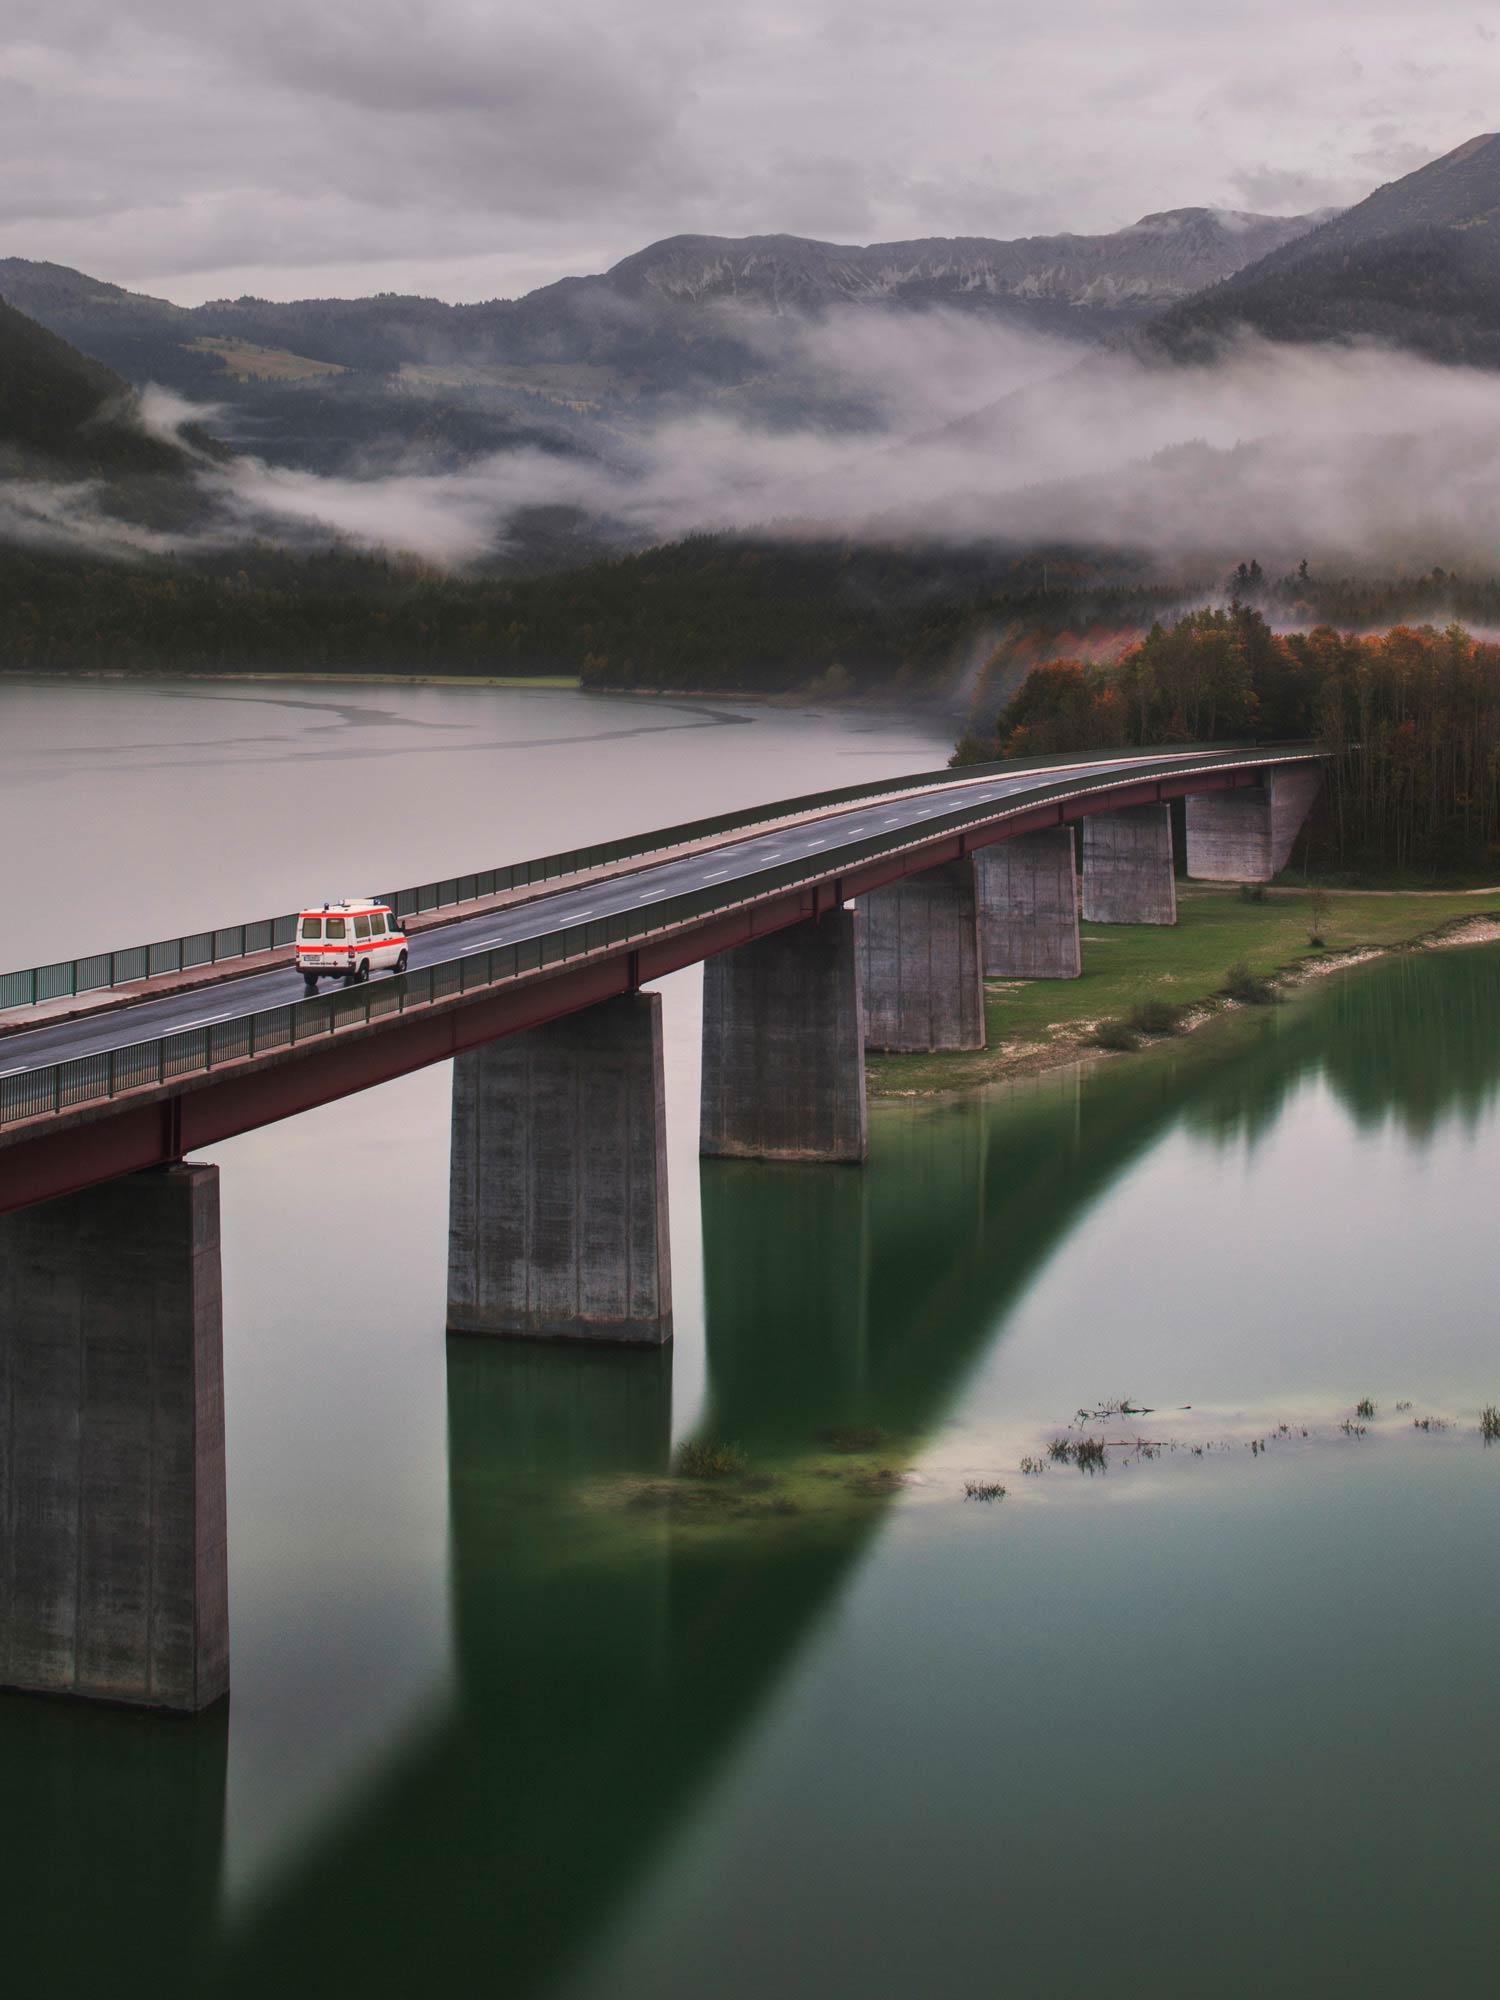 Werbefotografie eines DRK-Rettungswagens auf einer Brücke über einem See für die Imagekampagne des Jahreskalenders